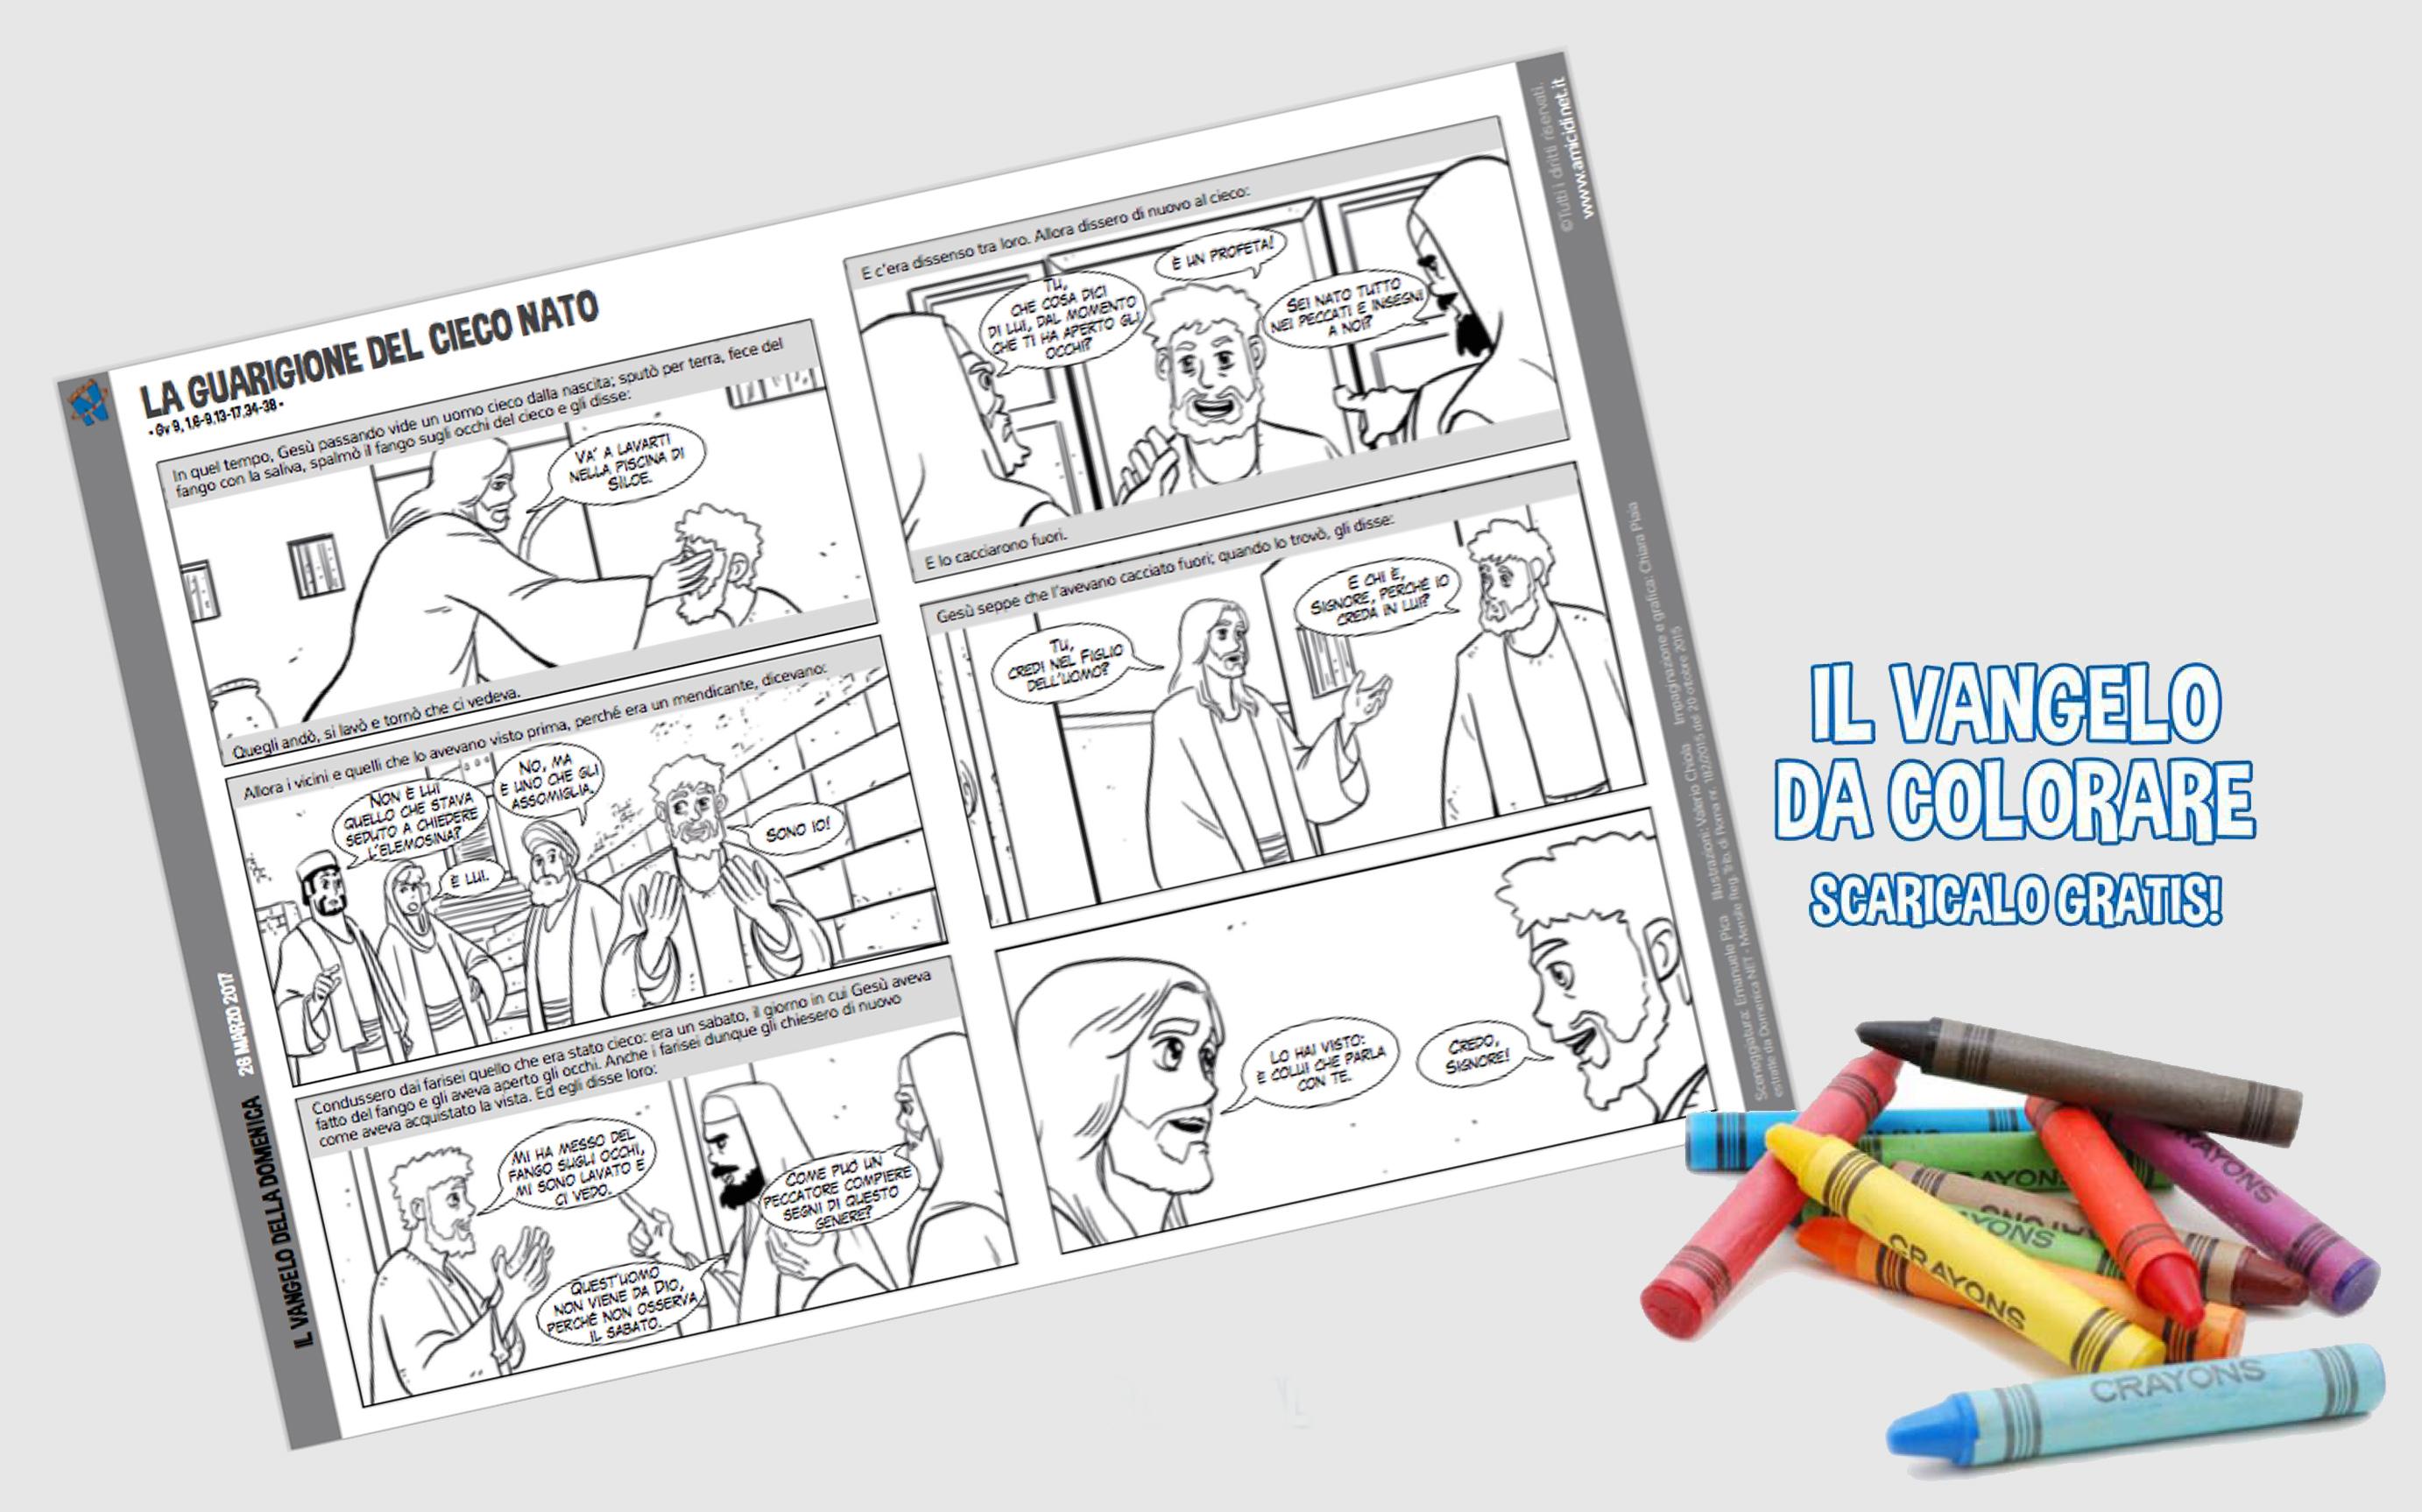 Il vangelo da colorare per aiutare i bambini a conoscere - Immagini del treno per colorare ...